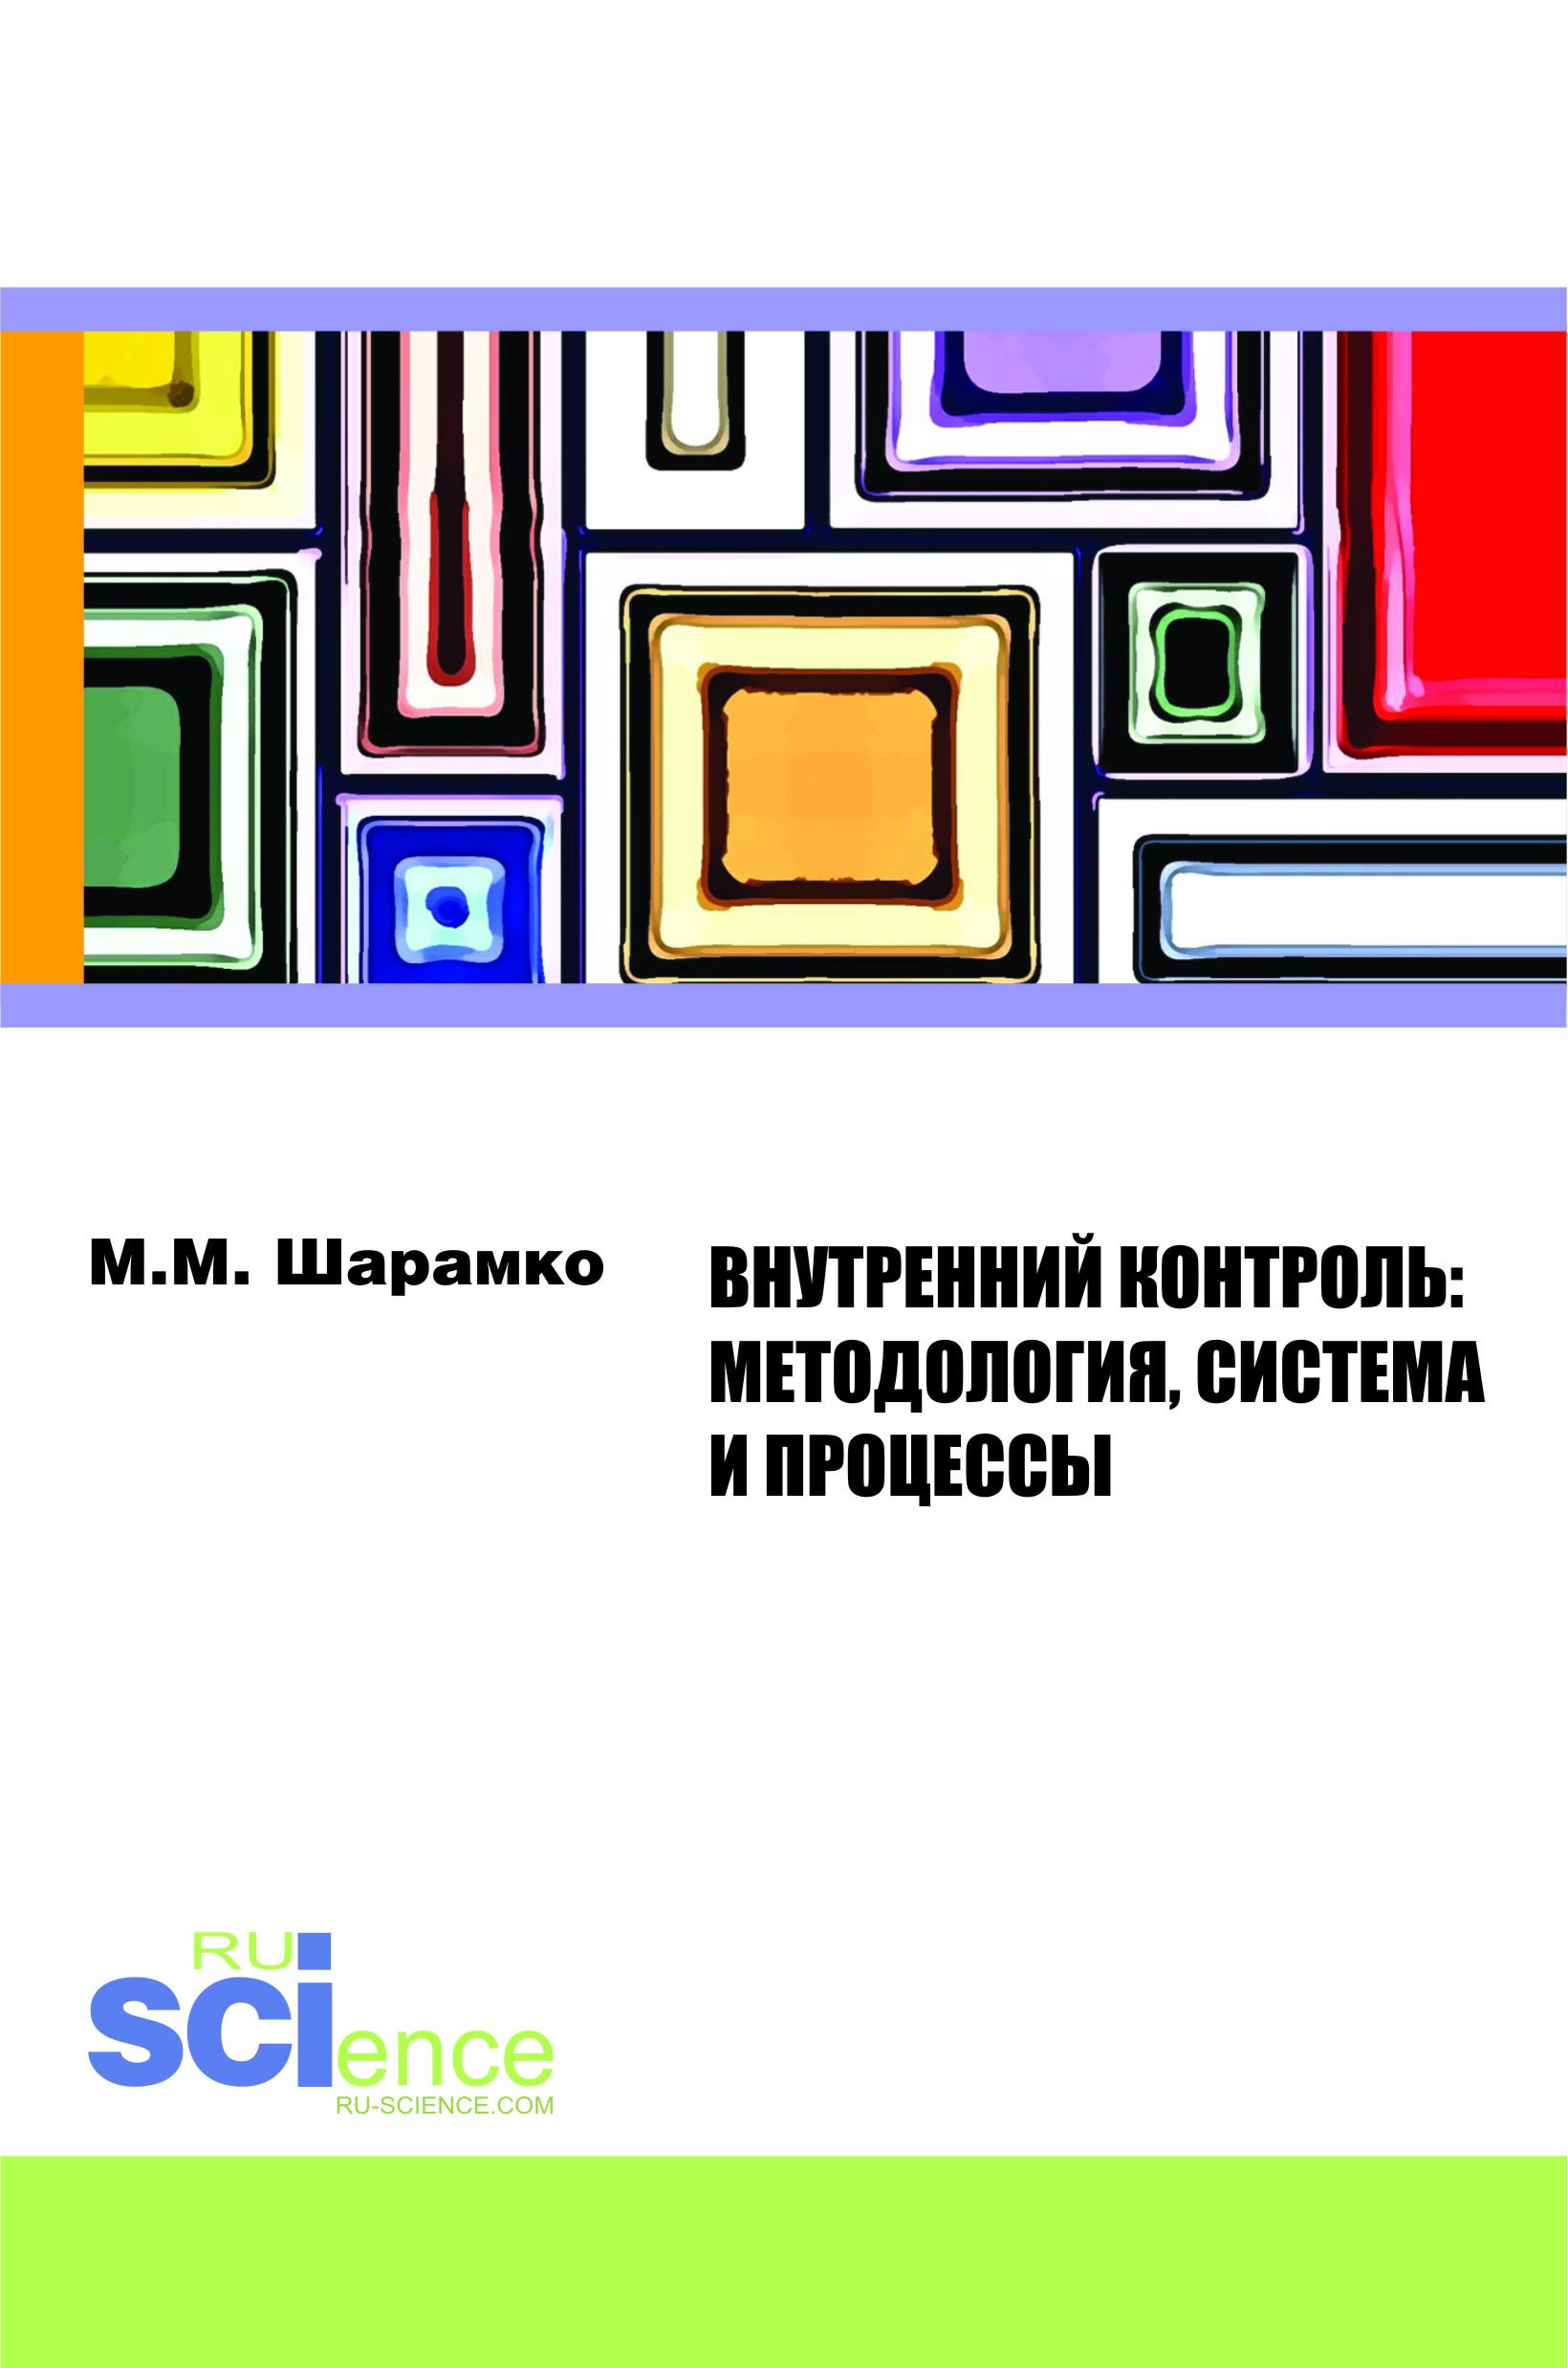 Внутренний контроль: методология, система и процессы. Монография